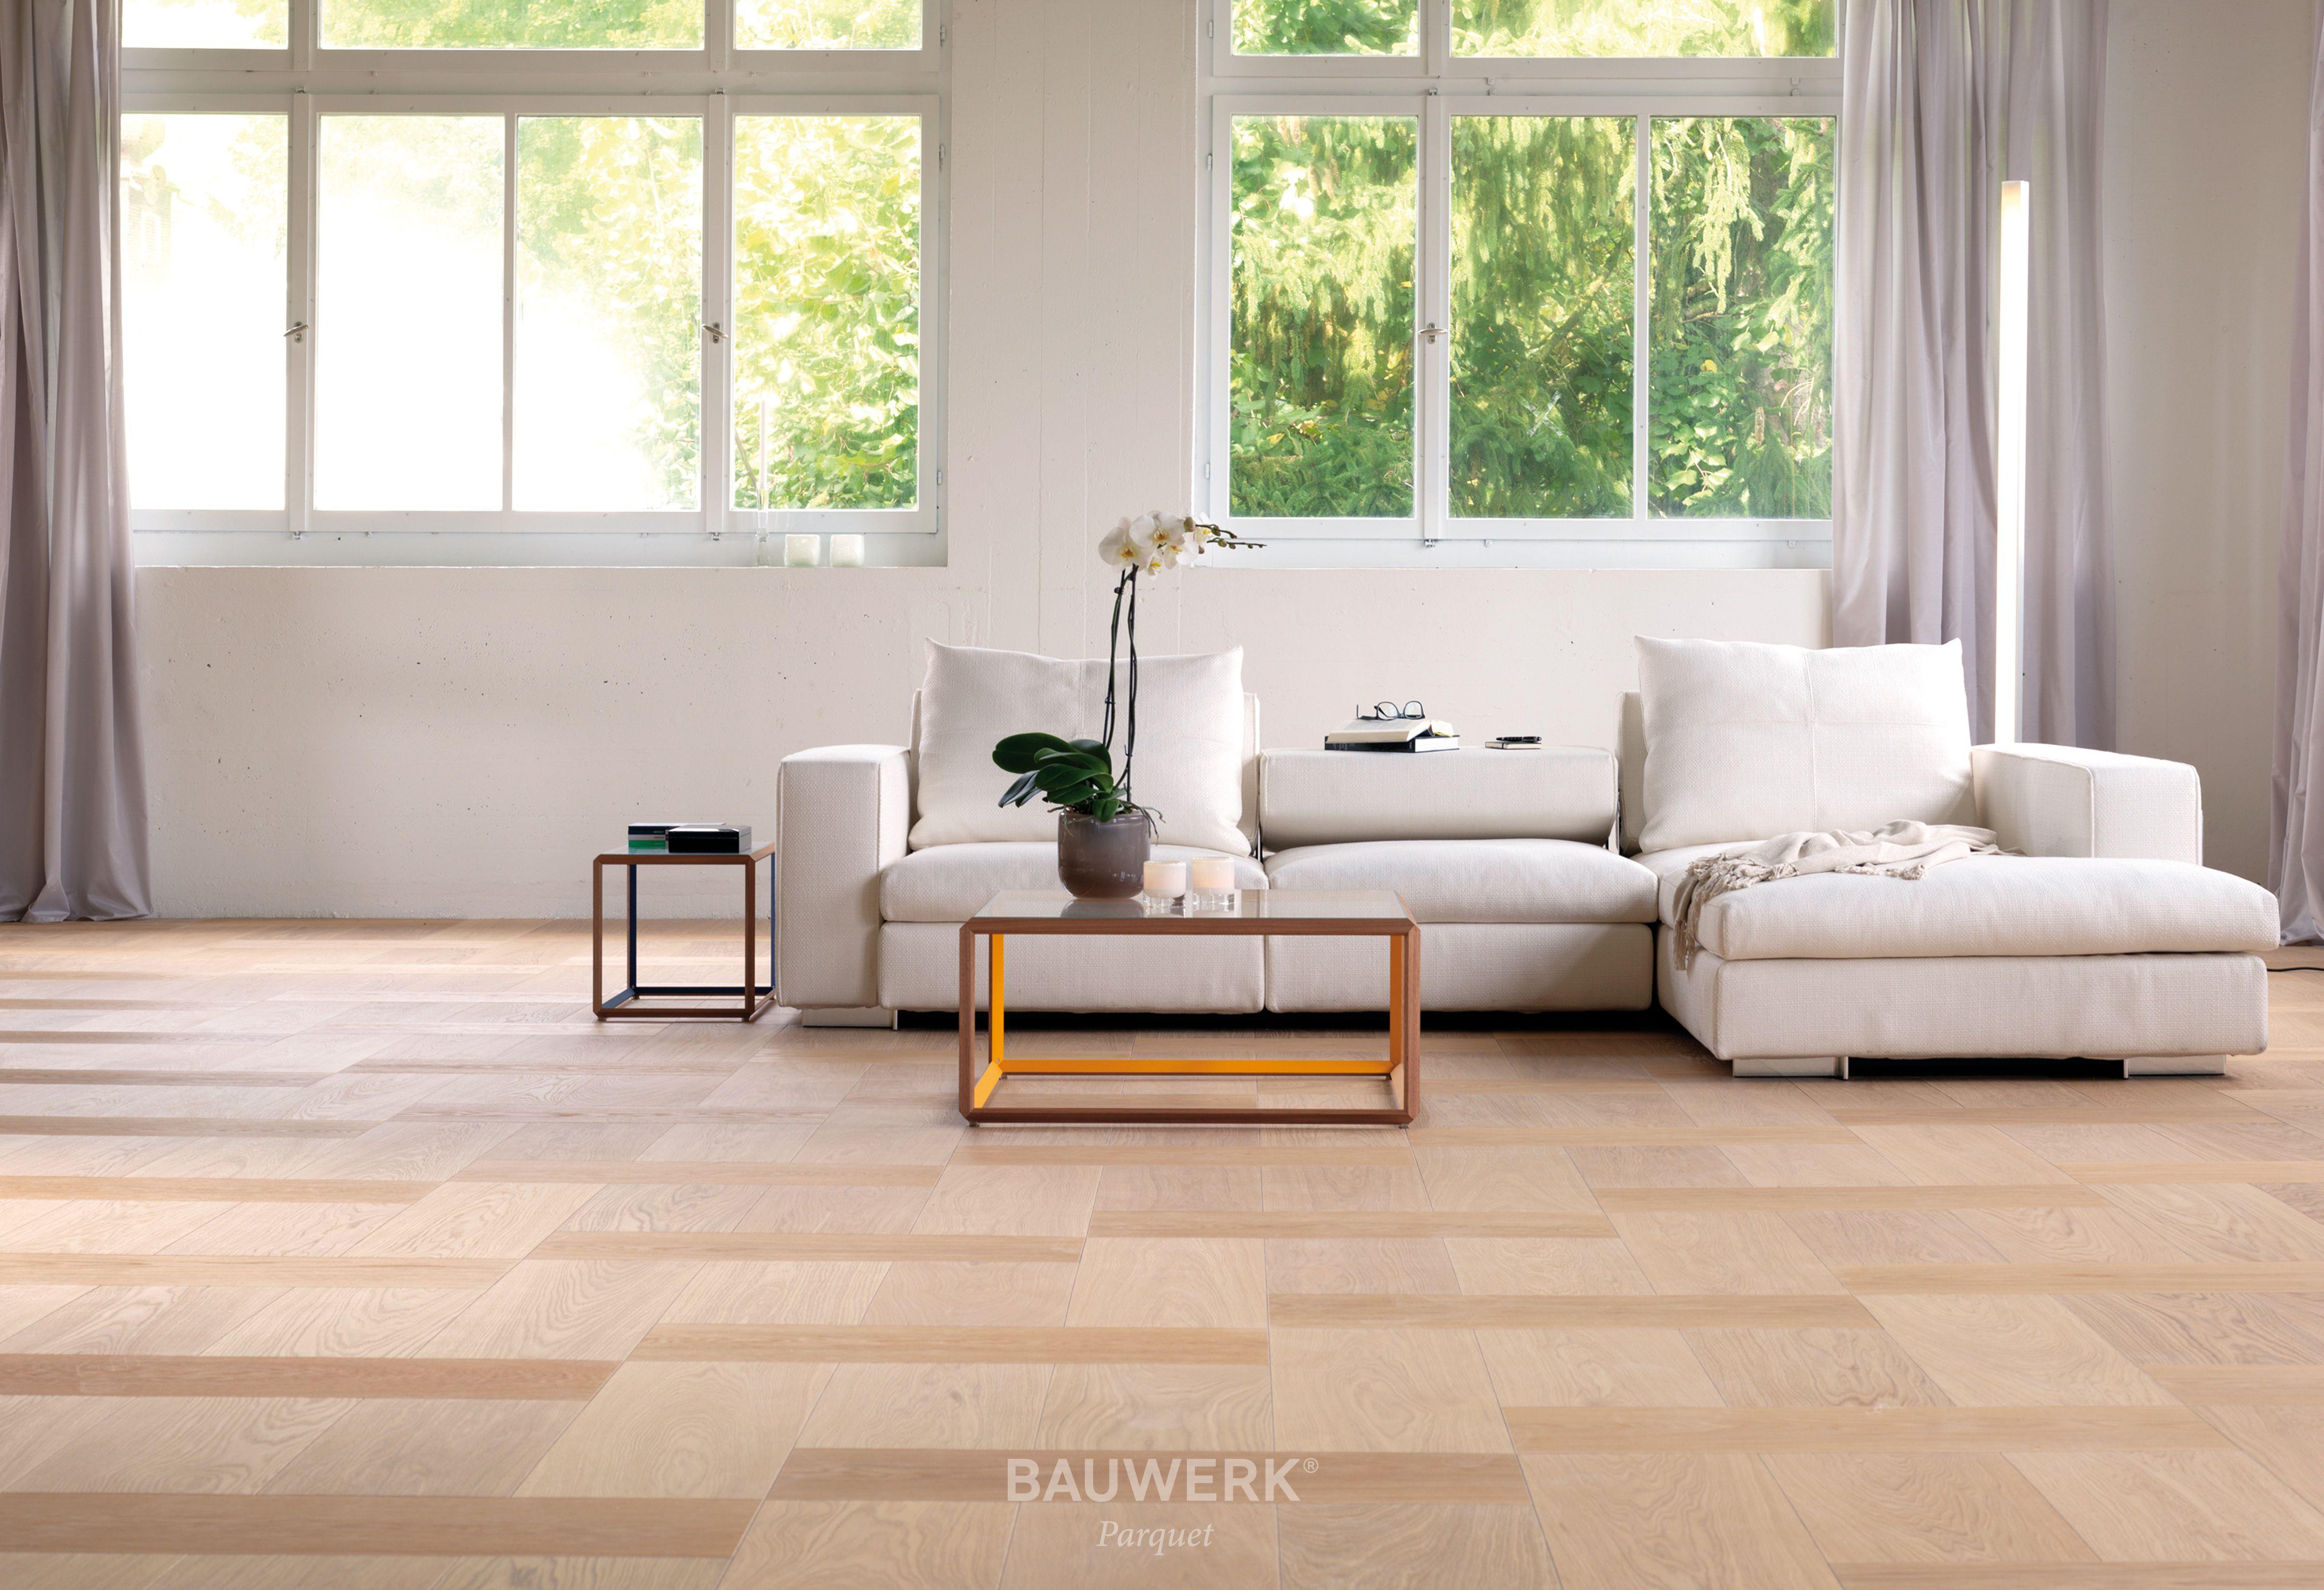 Klassische Wohnzimmer ~ Formpark eiche avorio von bauwerk parkett wohnzimmer ruhe helle